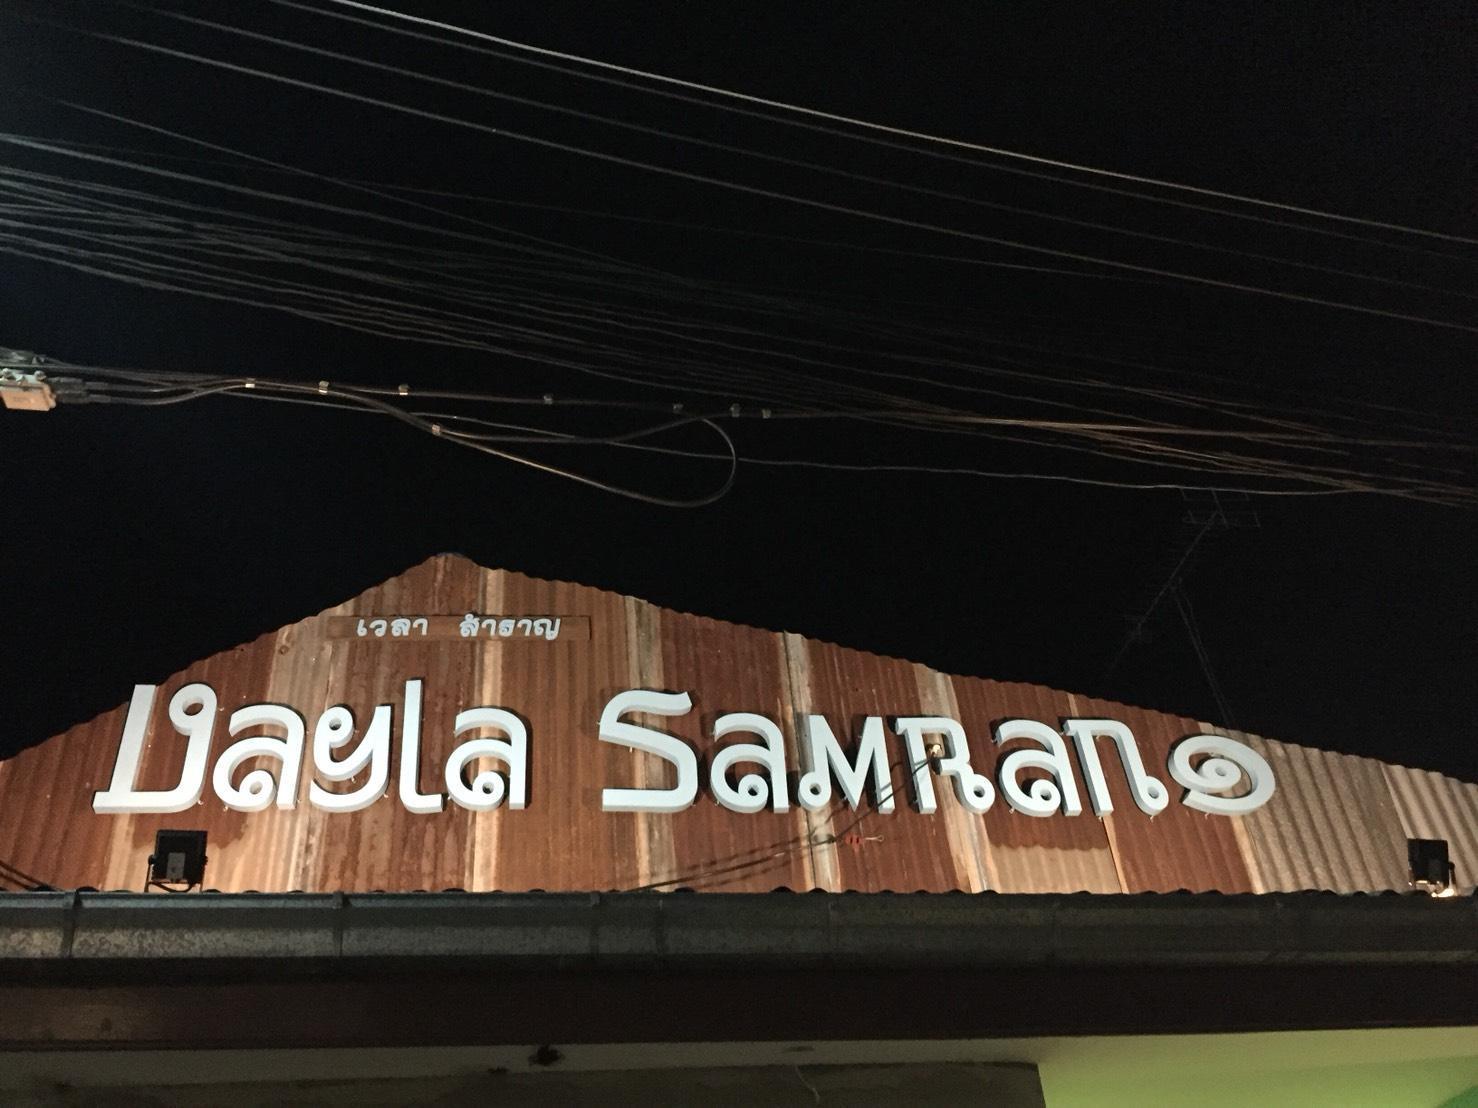 Vaylasamran Amphawa, Amphawa